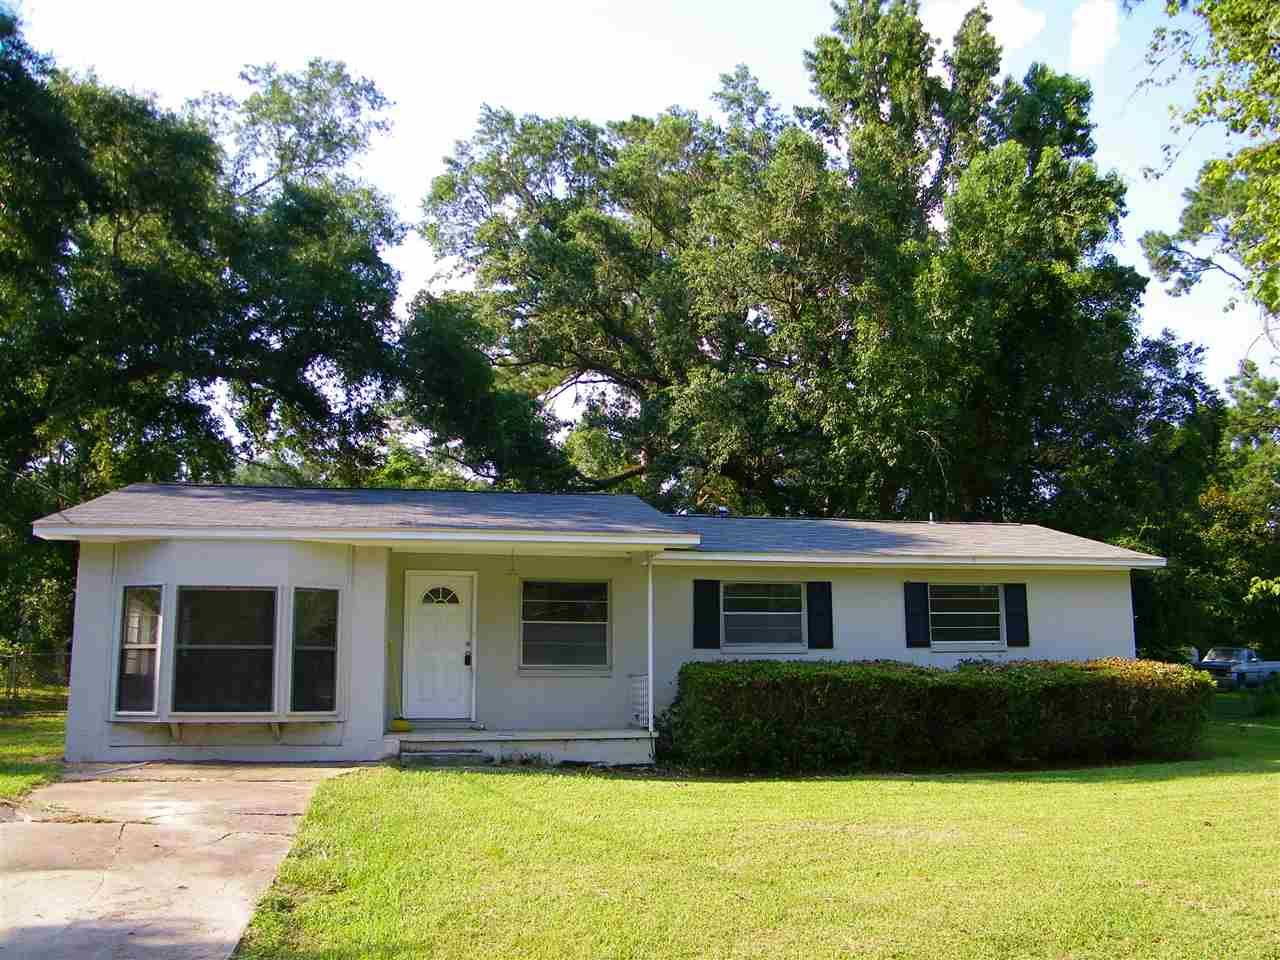 2612 Rippee, Tallahassee, FL 32302 - MLS#: 320851